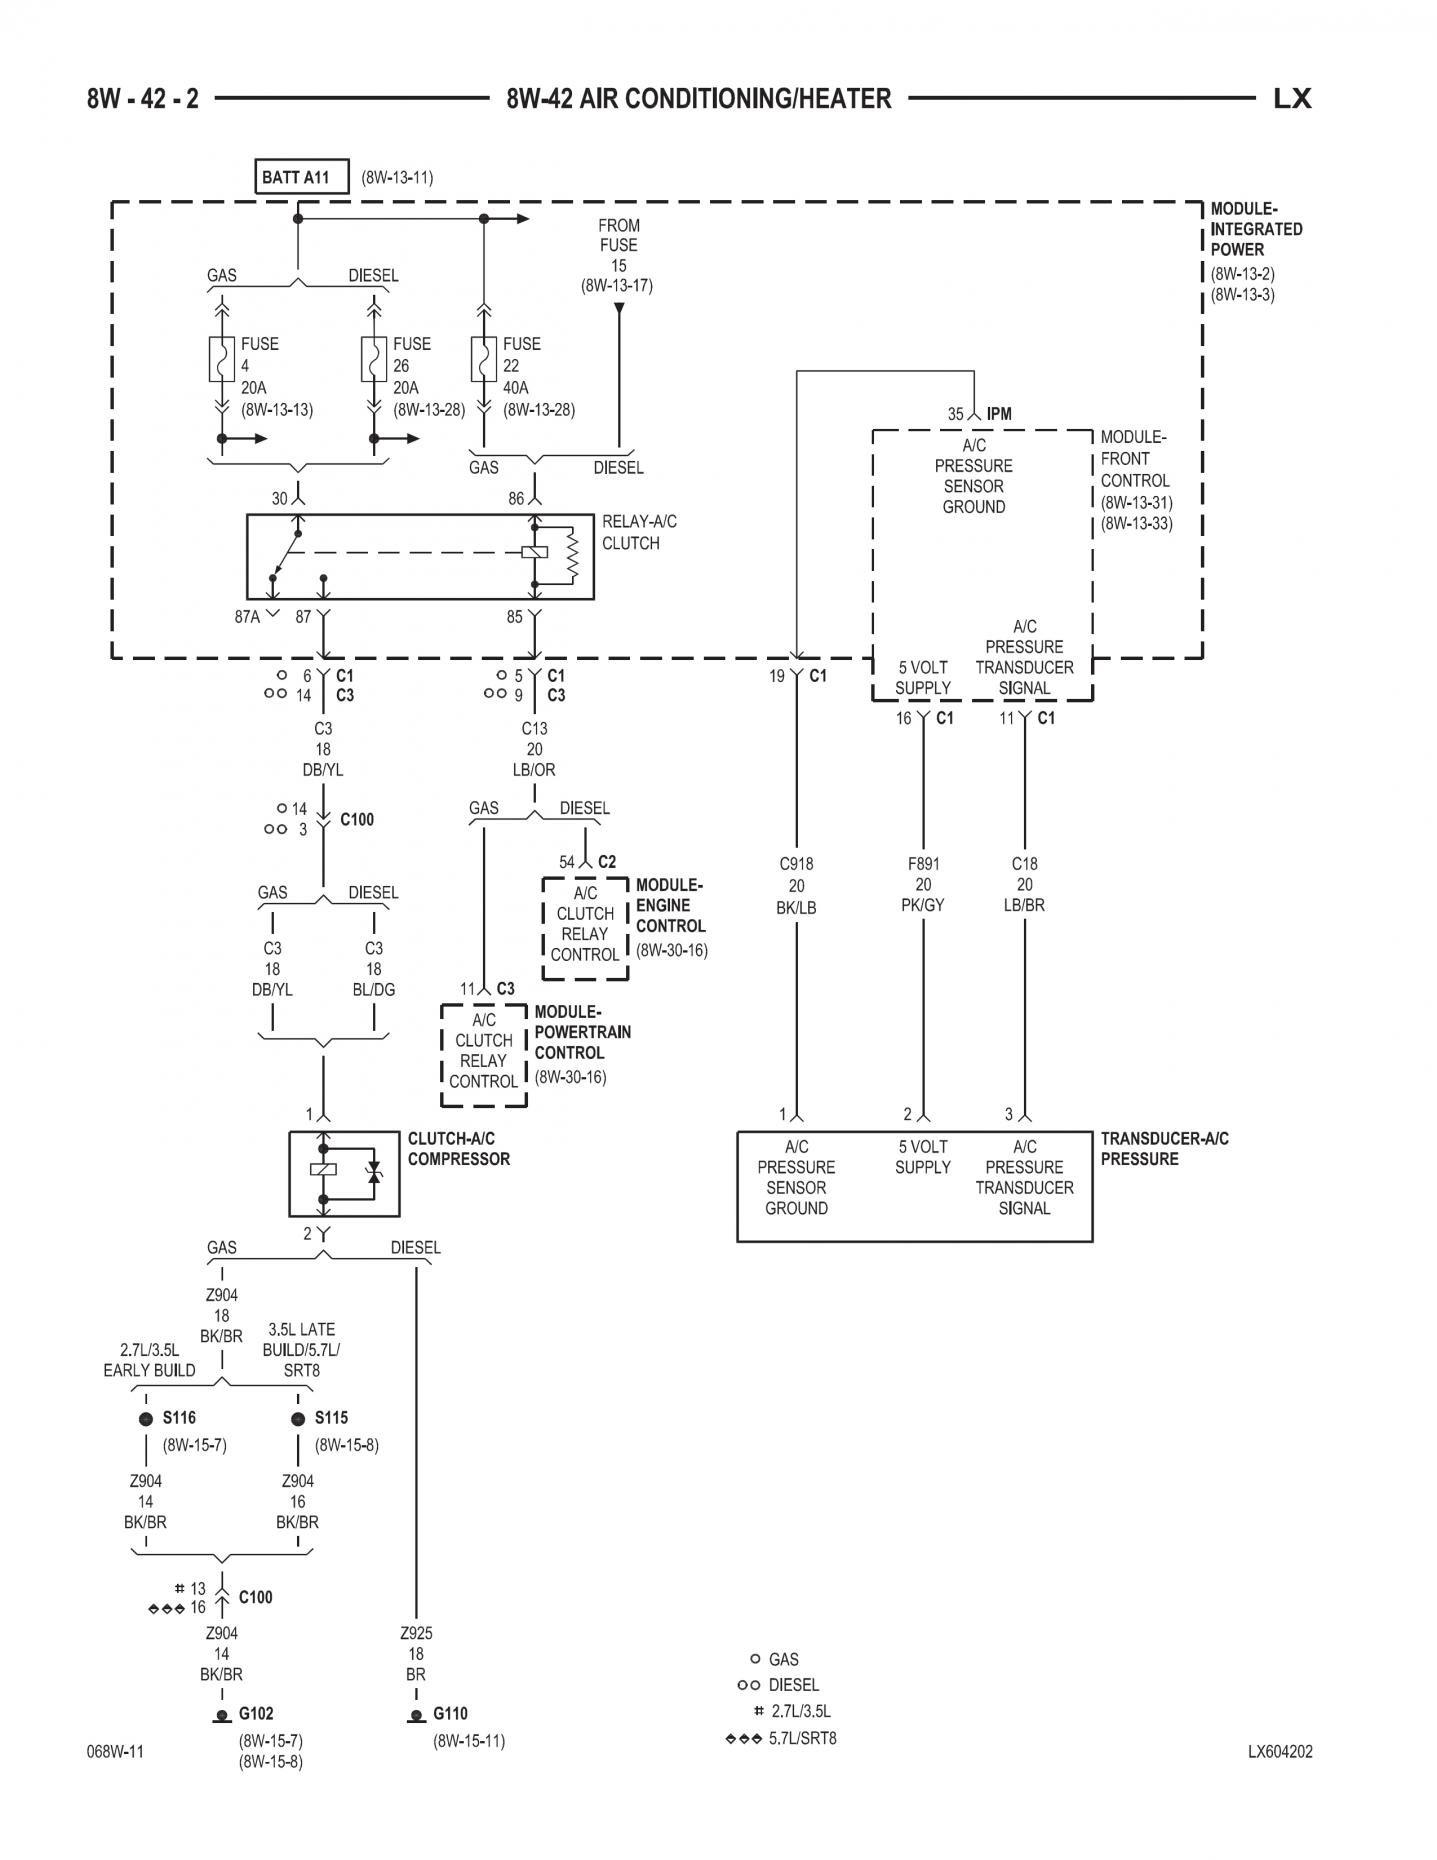 2006 Chrysler 300 Ac Wiring Diagram Manual Guide